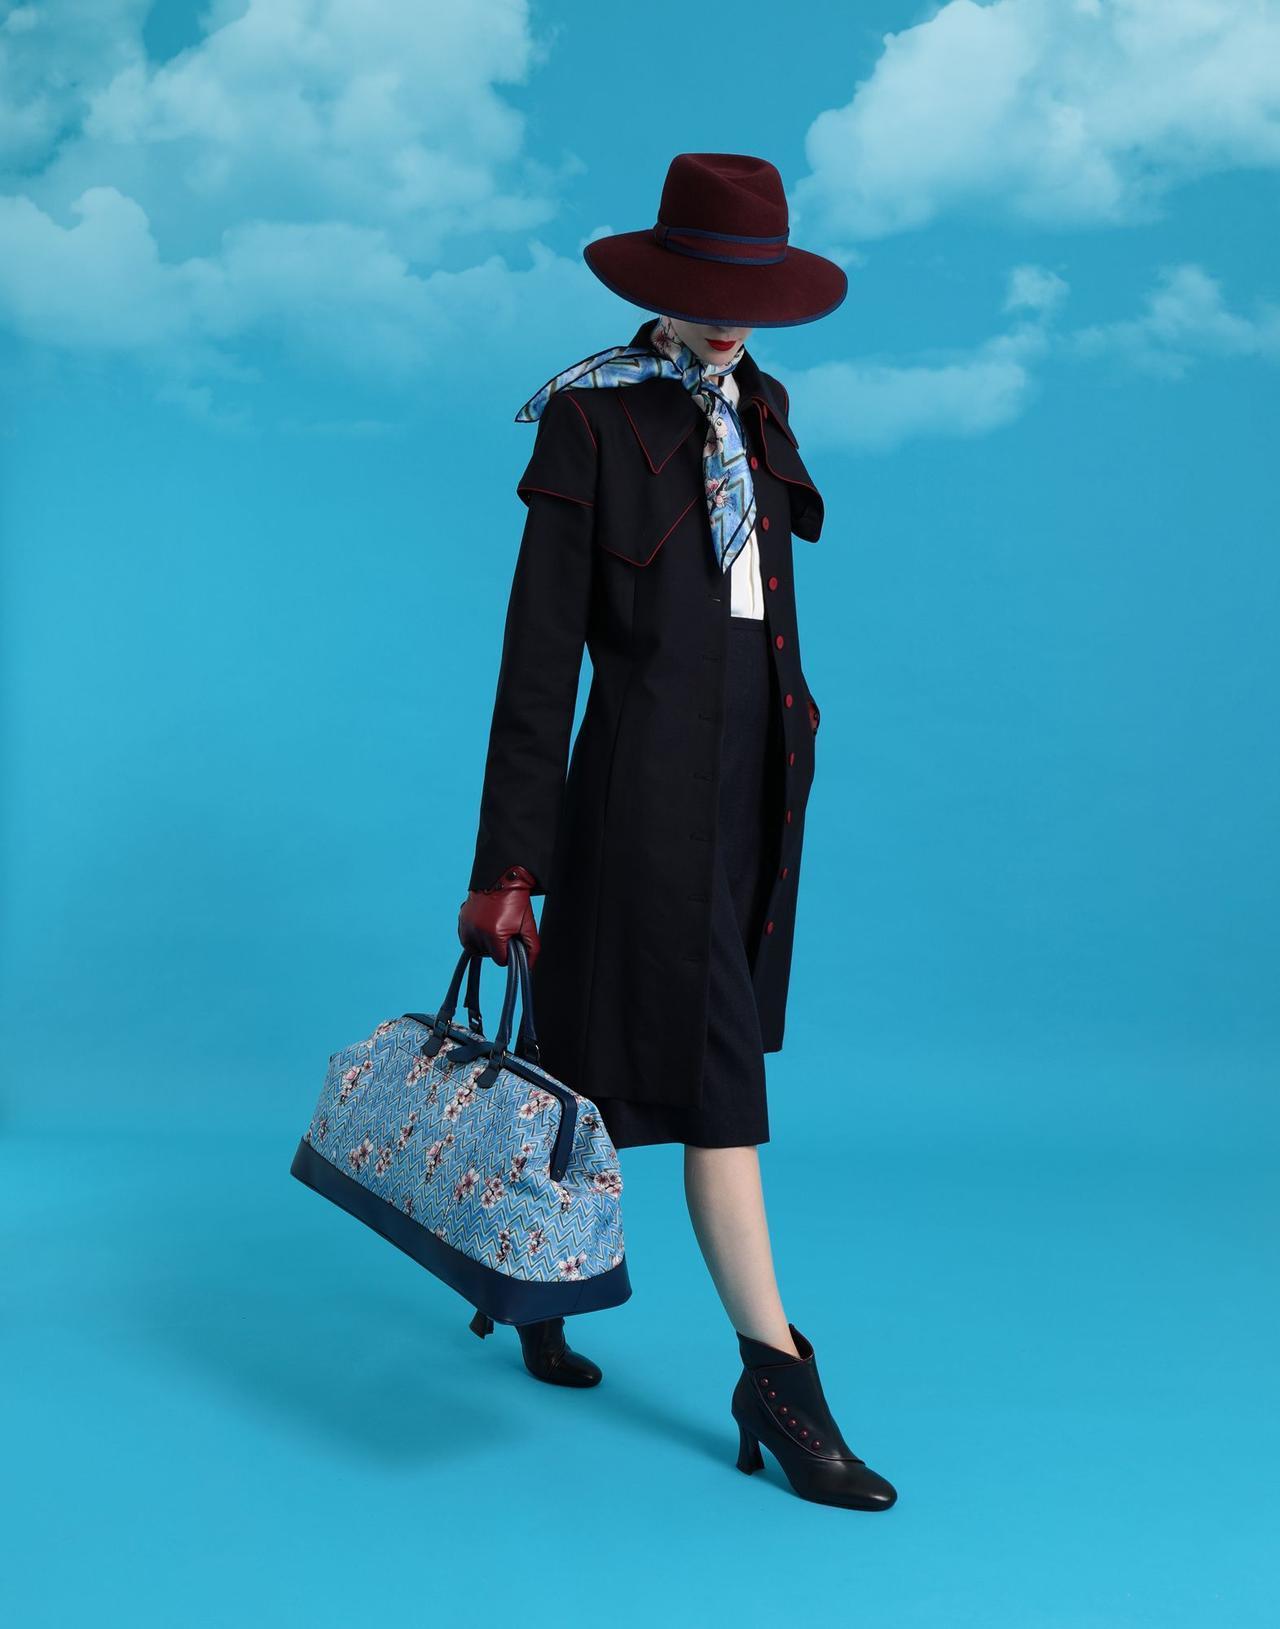 画像1: メリー・ポピンズ限定コレクション、YOOX で発売!「Mary Poppins Returns x YOOX」